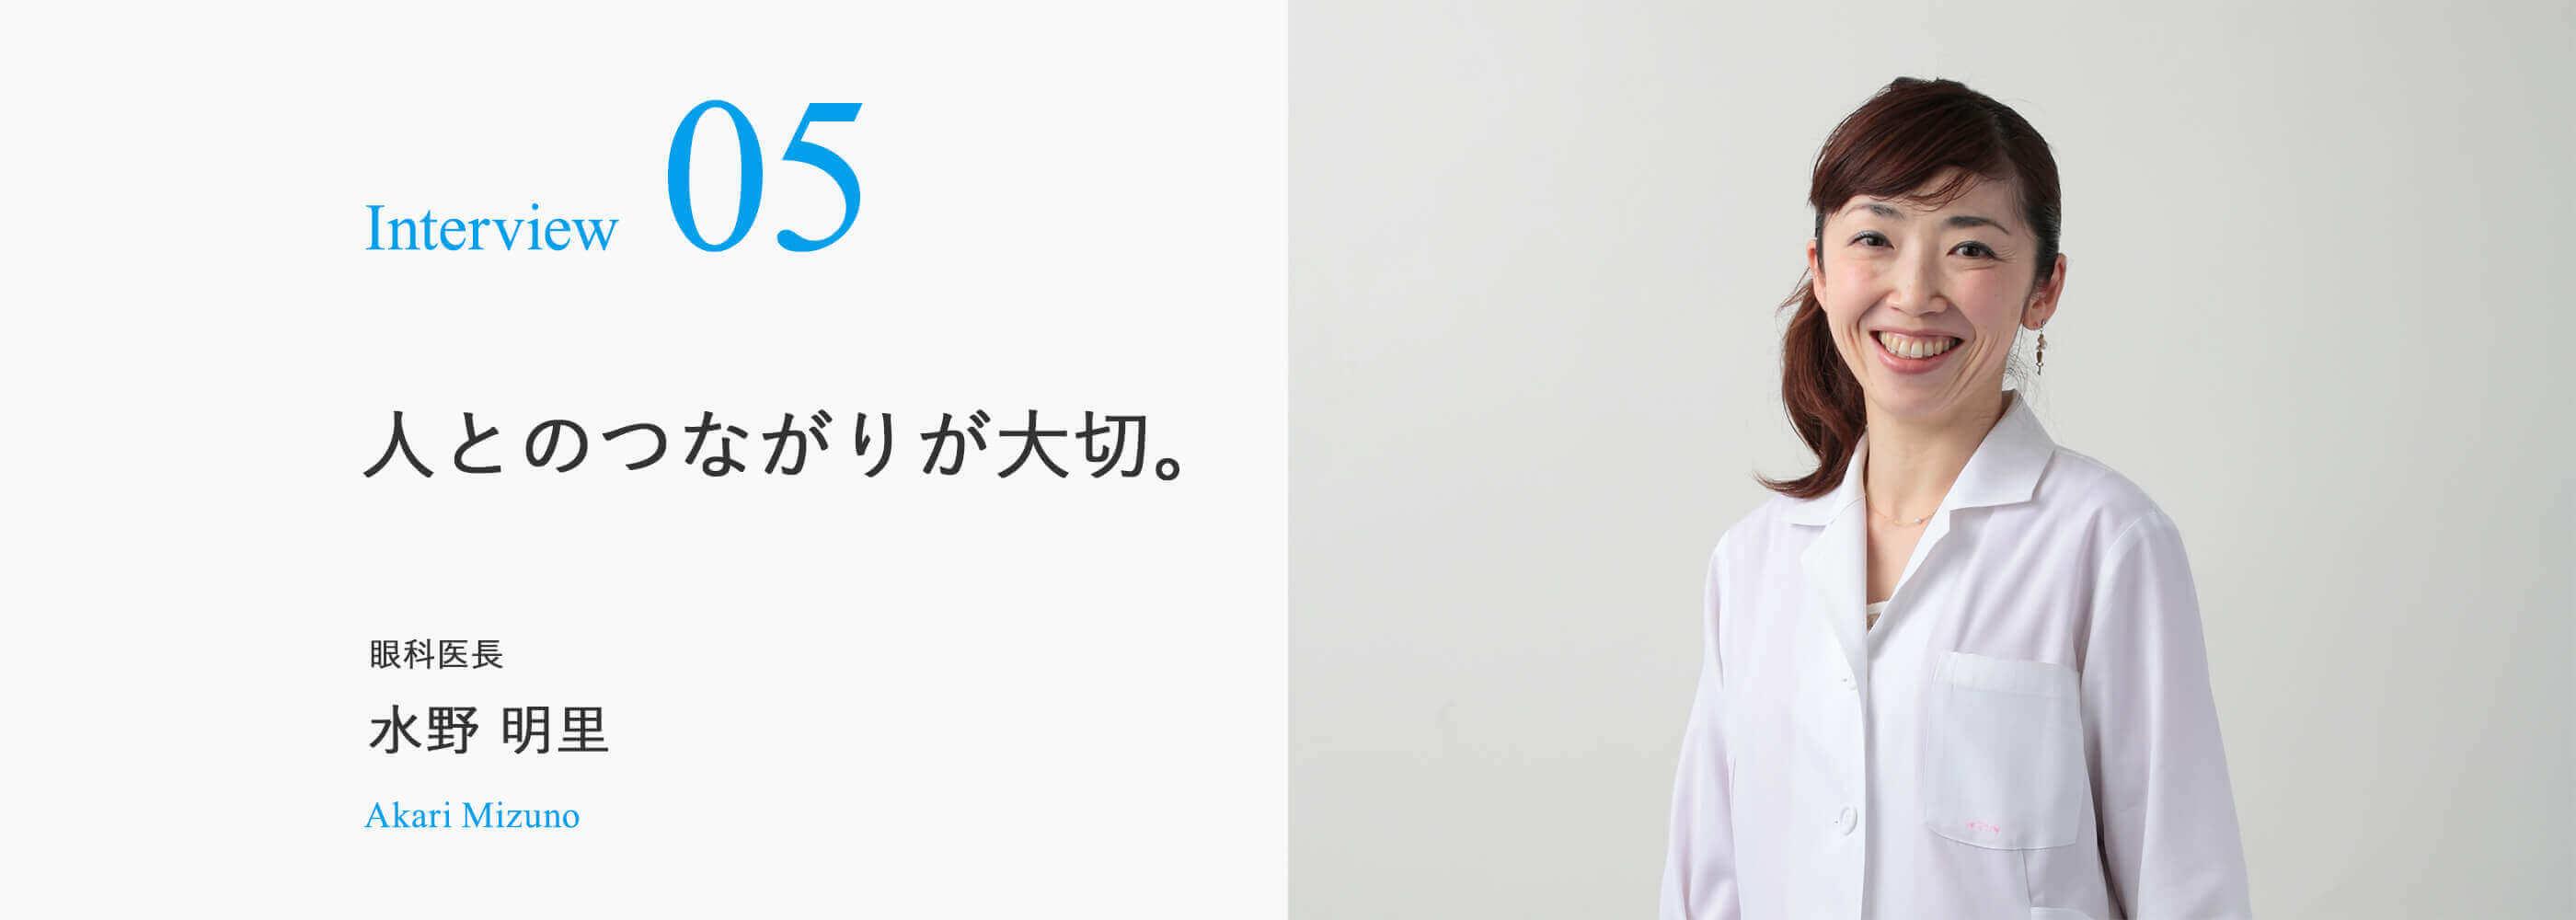 Interview 05 人とのつながりが大切。 眼科医長 水野 明里